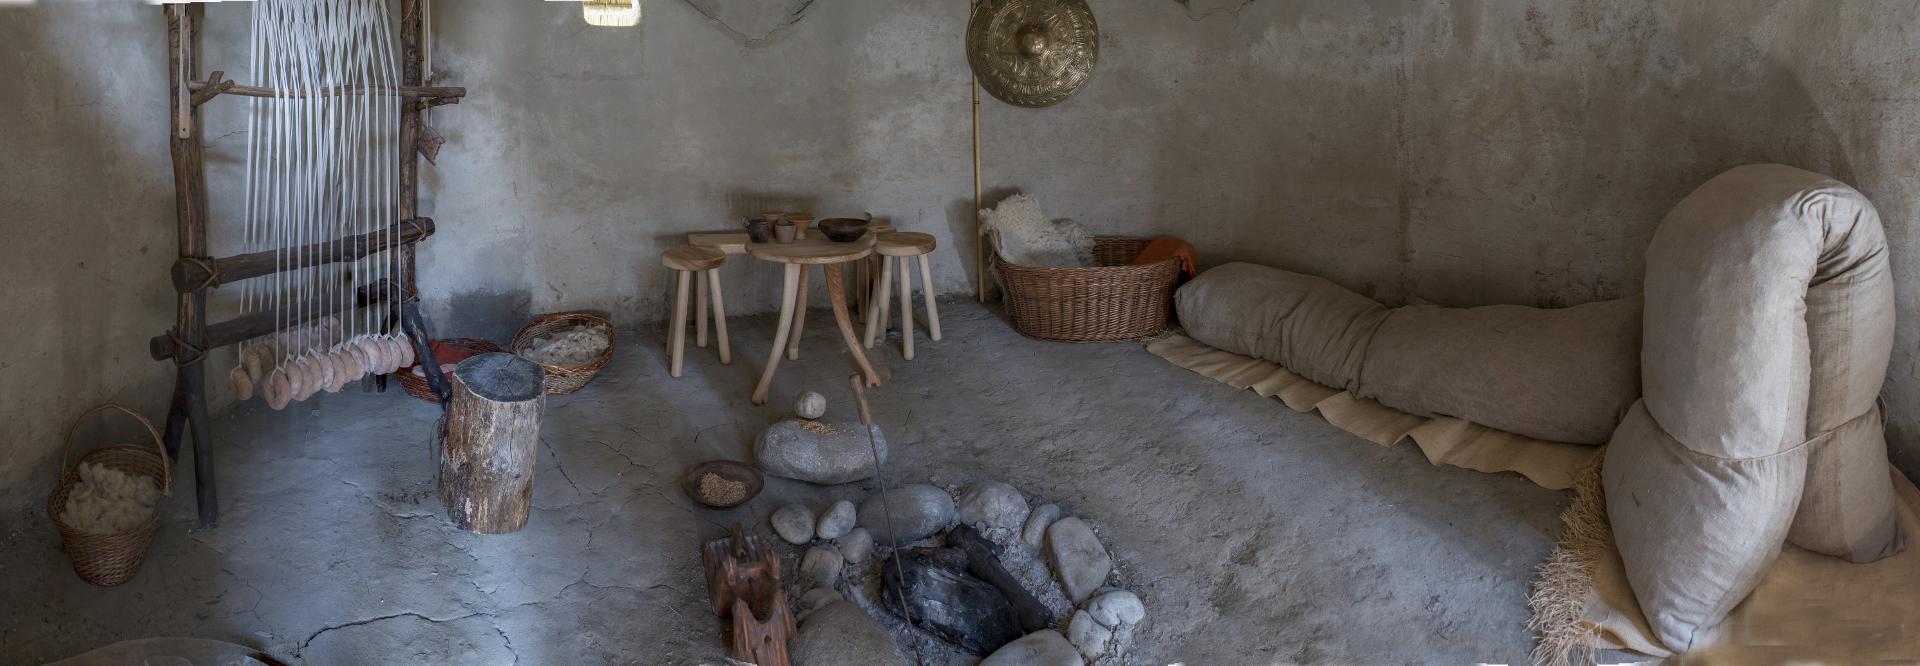 Foto: interno della capanna villanoviana. MUV